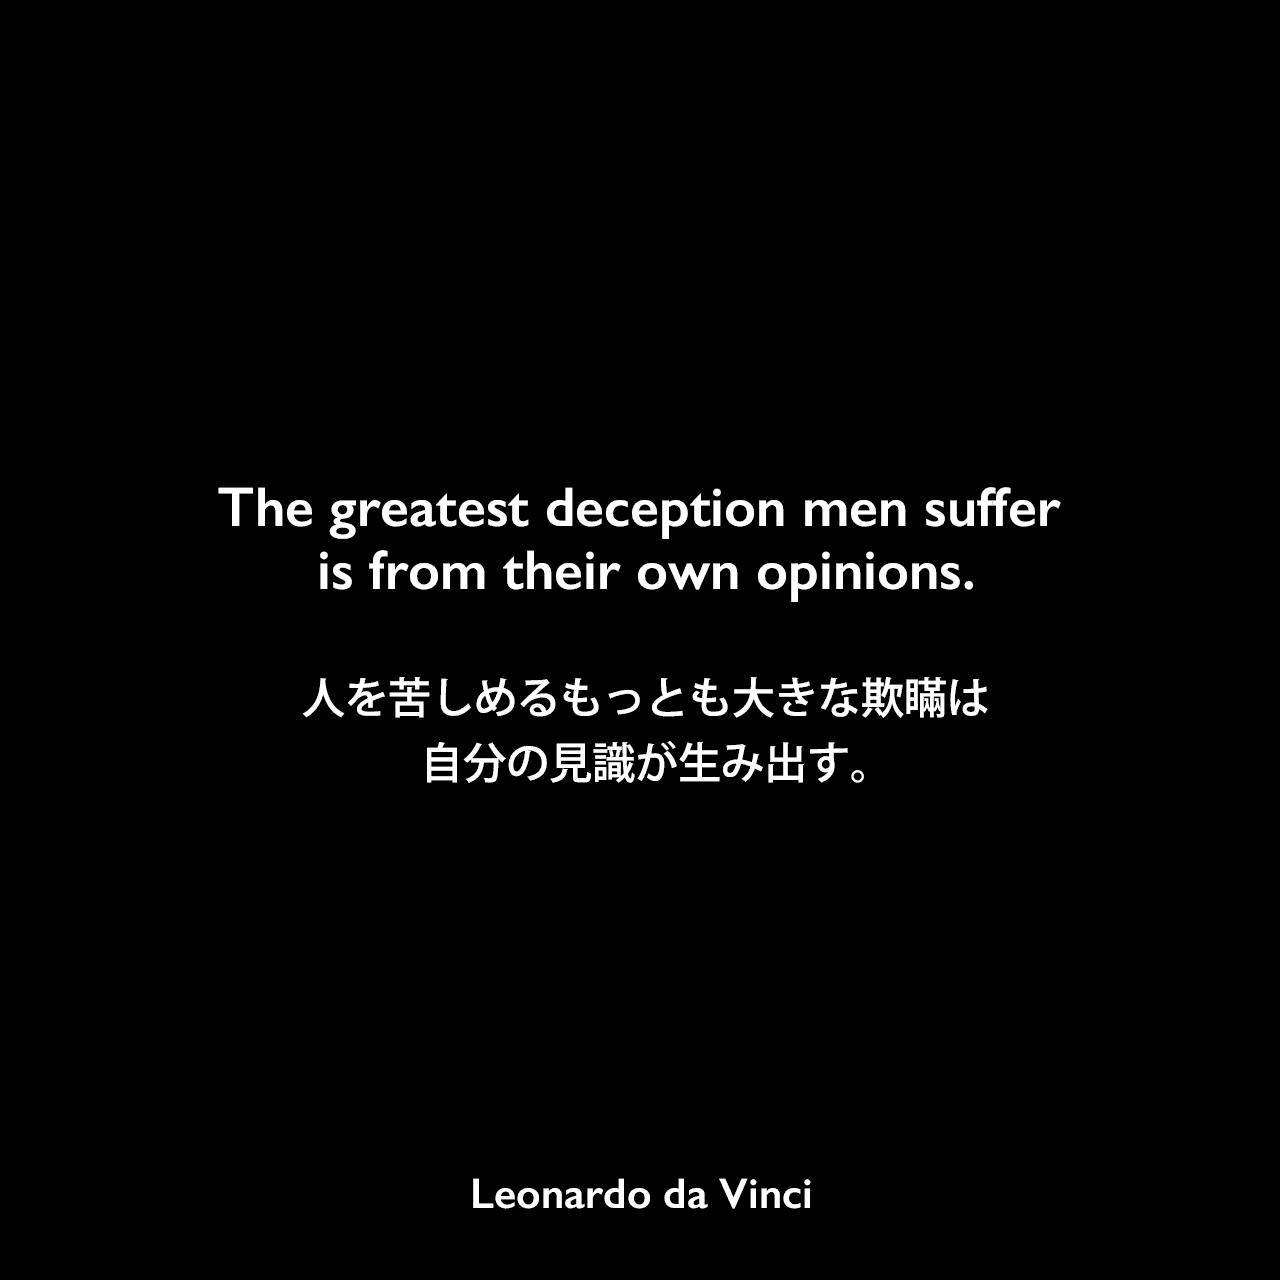 The greatest deception men suffer is from their own opinions.人を苦しめるもっとも大きな欺瞞は自分の見識が生み出す。- レオナルド・ダ・ヴィンチのノートよりLeonardo da Vinci